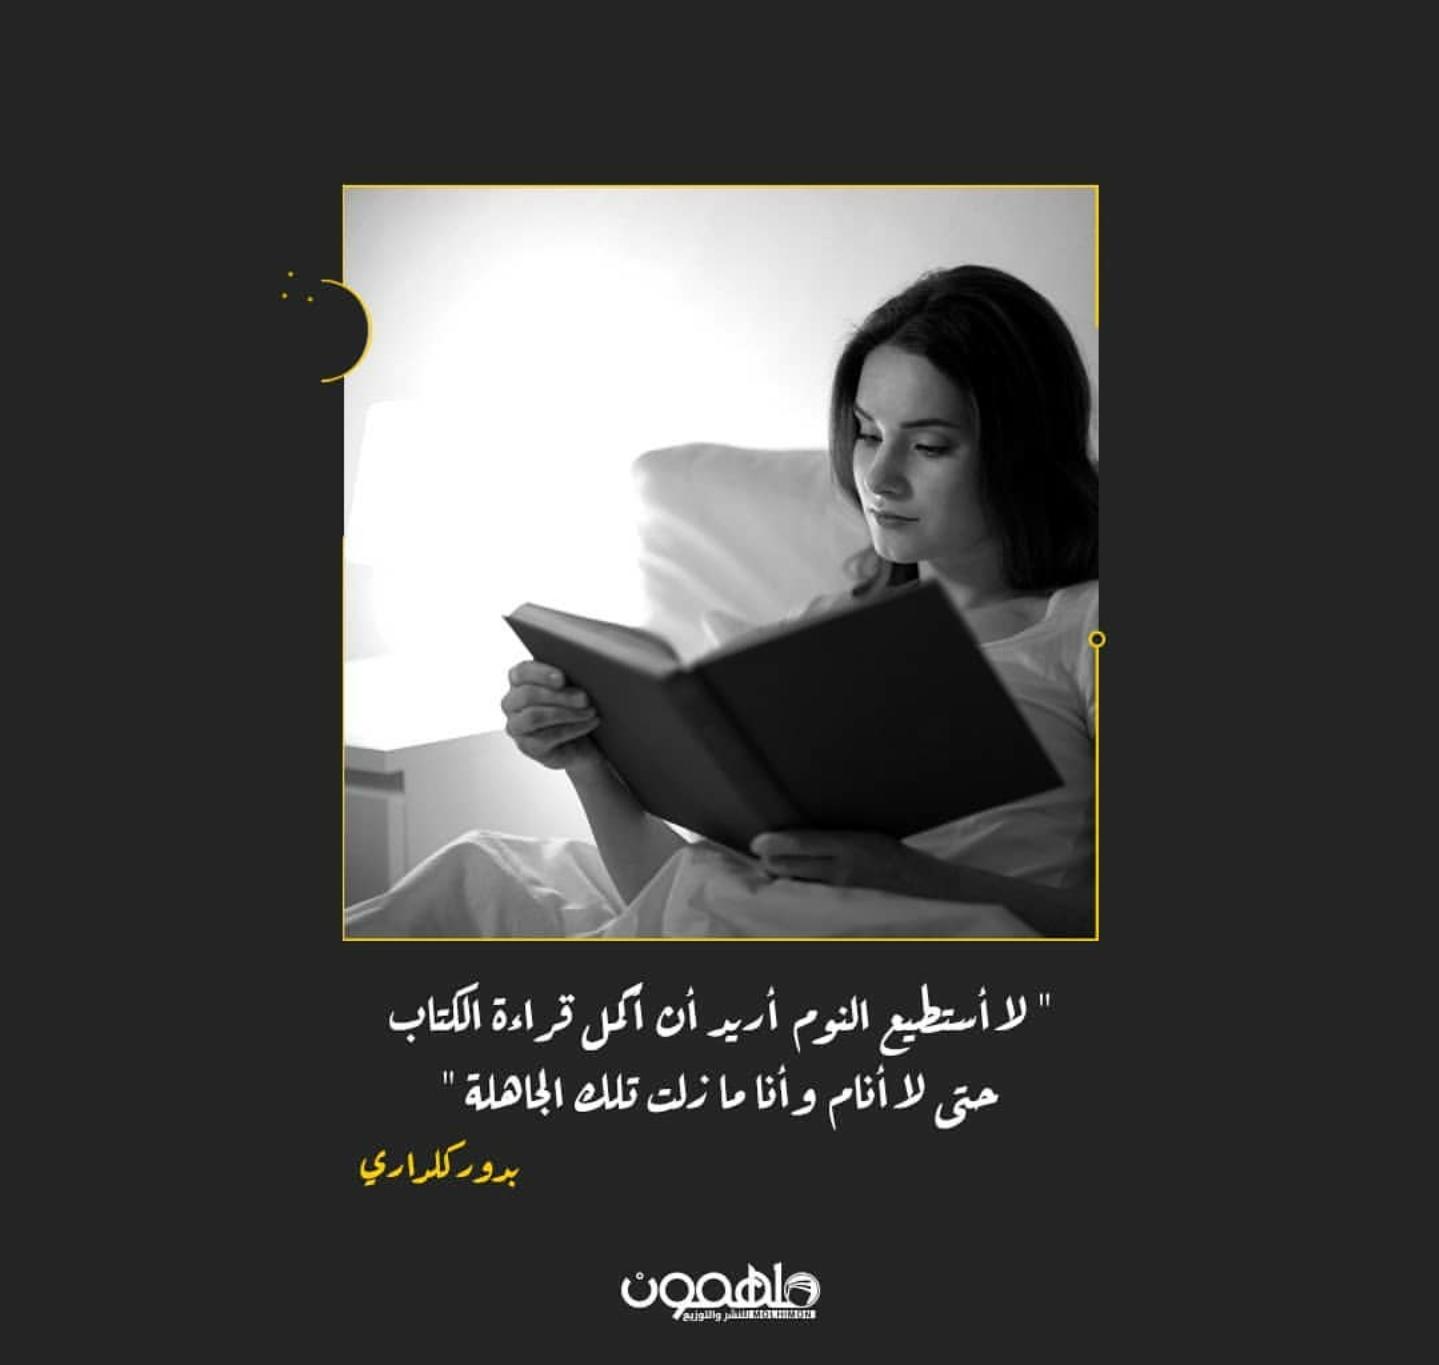 نادي حياة للقراءة On Twitter لا استطيع النوم اريد أن أكمل قراءة الكتاب حتى لا أنام و أنا ما زلت تلك الجاهلة